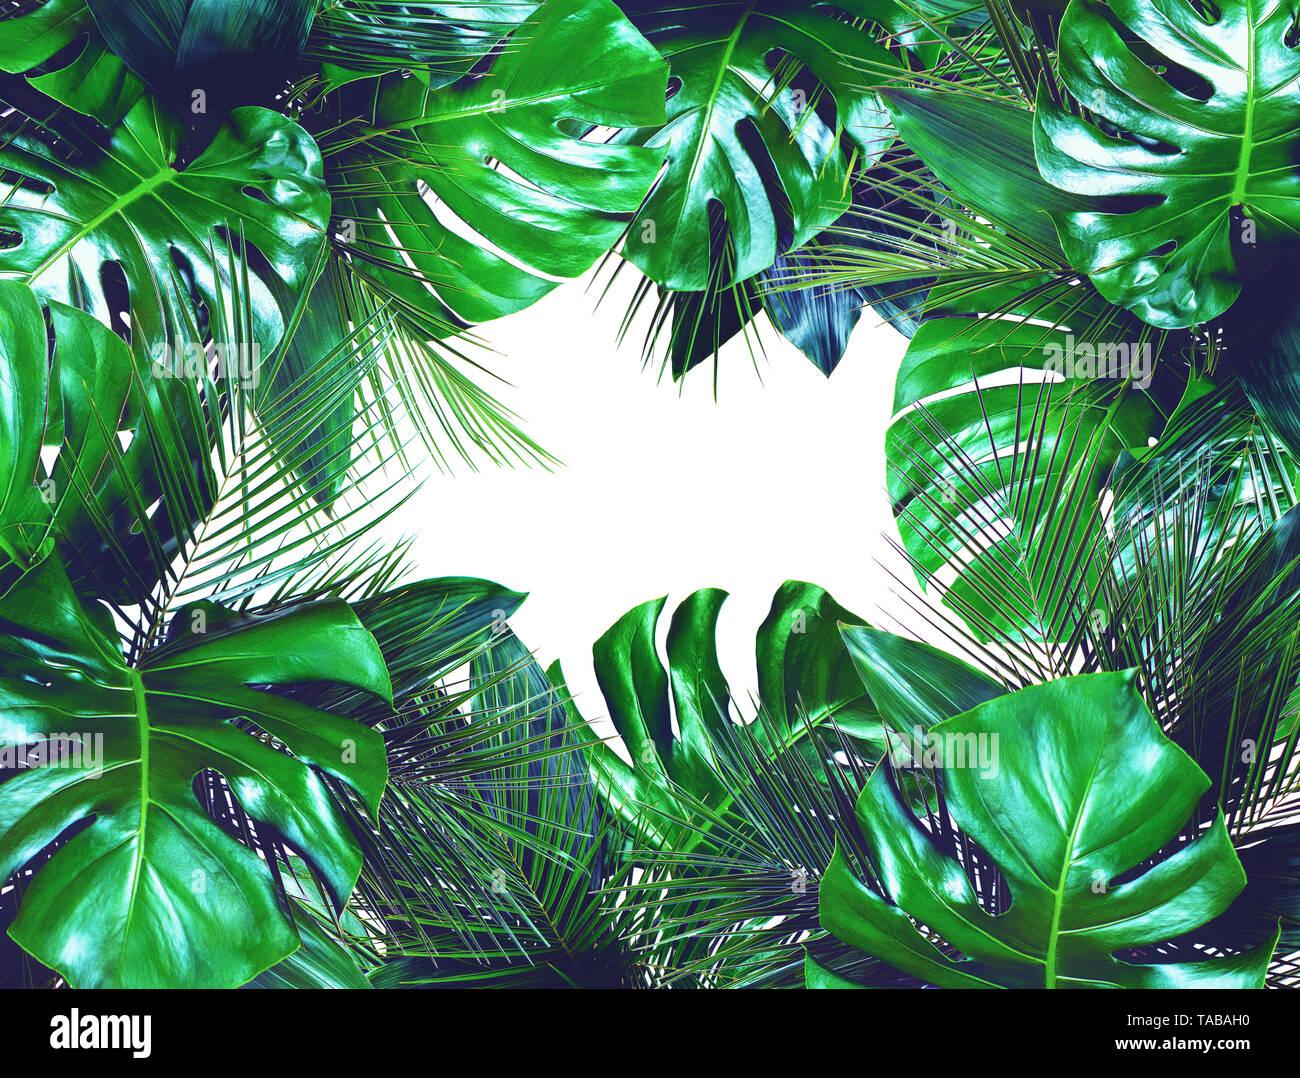 Nahaufnahme der Blumensträuße in verschiedenen dunklen Grün frische tropische Blätter auf weißem Hintergrund. Design Template. Rahmen mit Kopie Platz für Text. Top vi. Stockbild